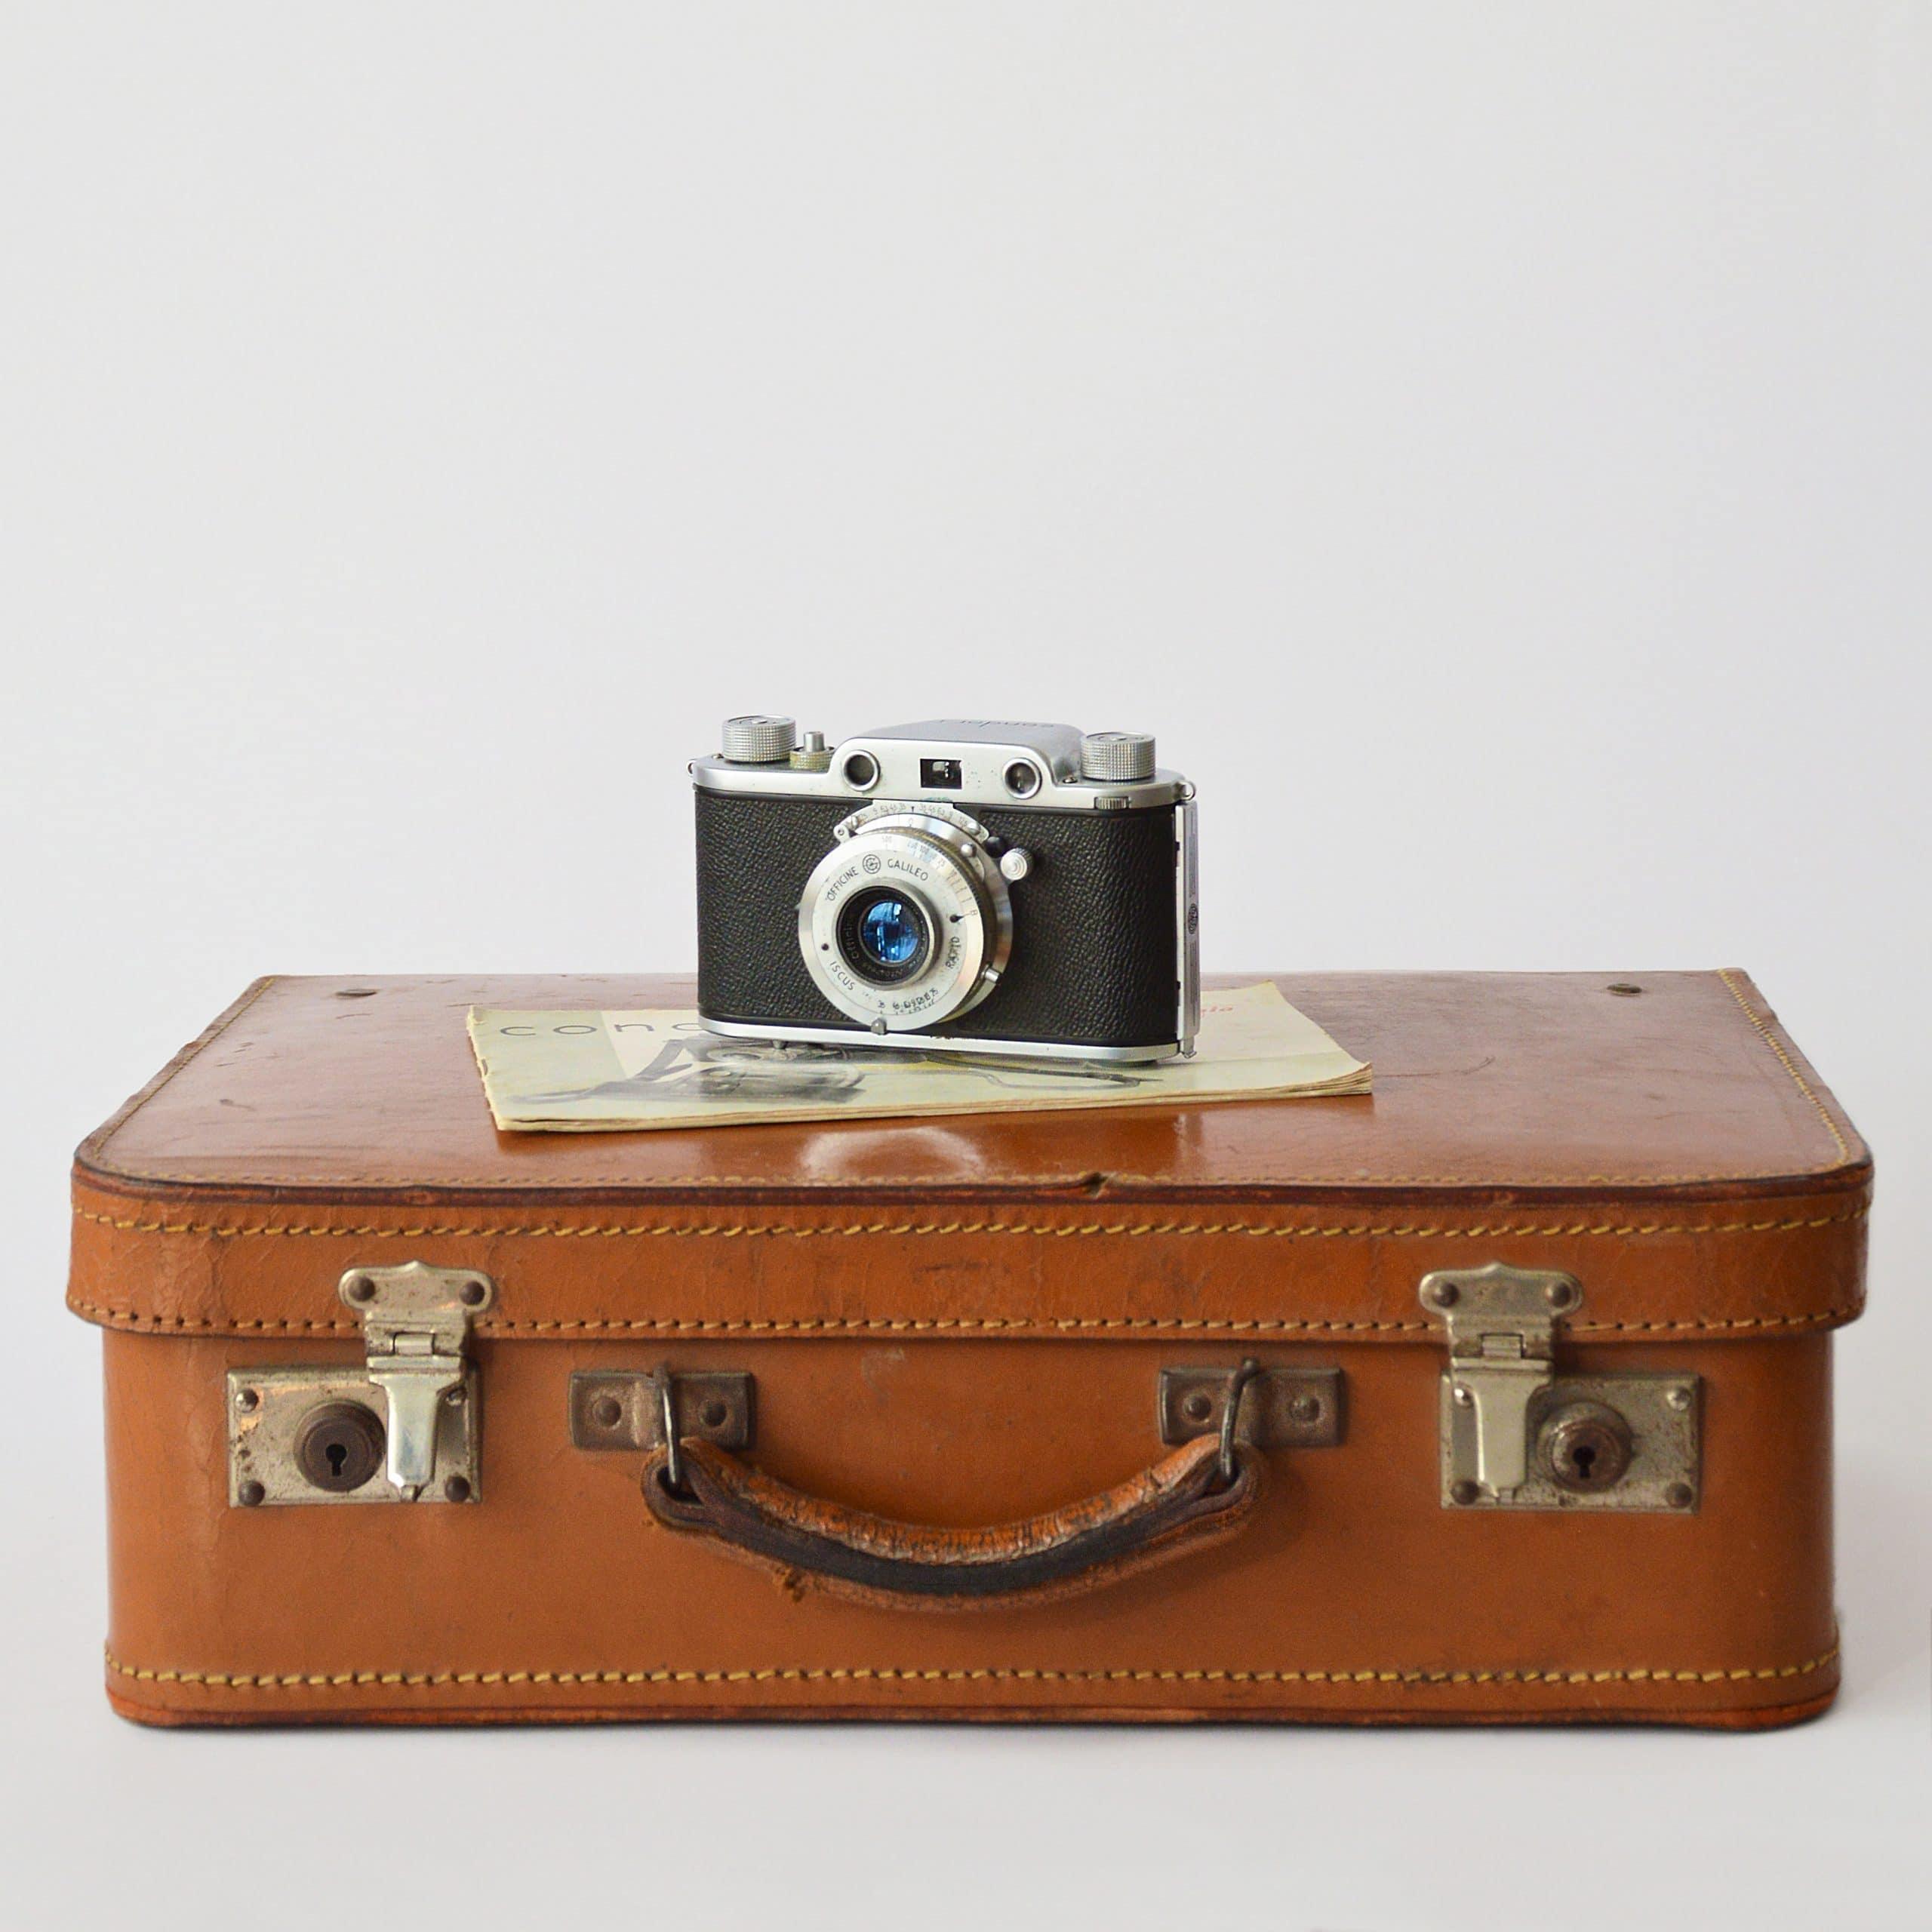 Valise en cuir avec appareil photo posé dessus